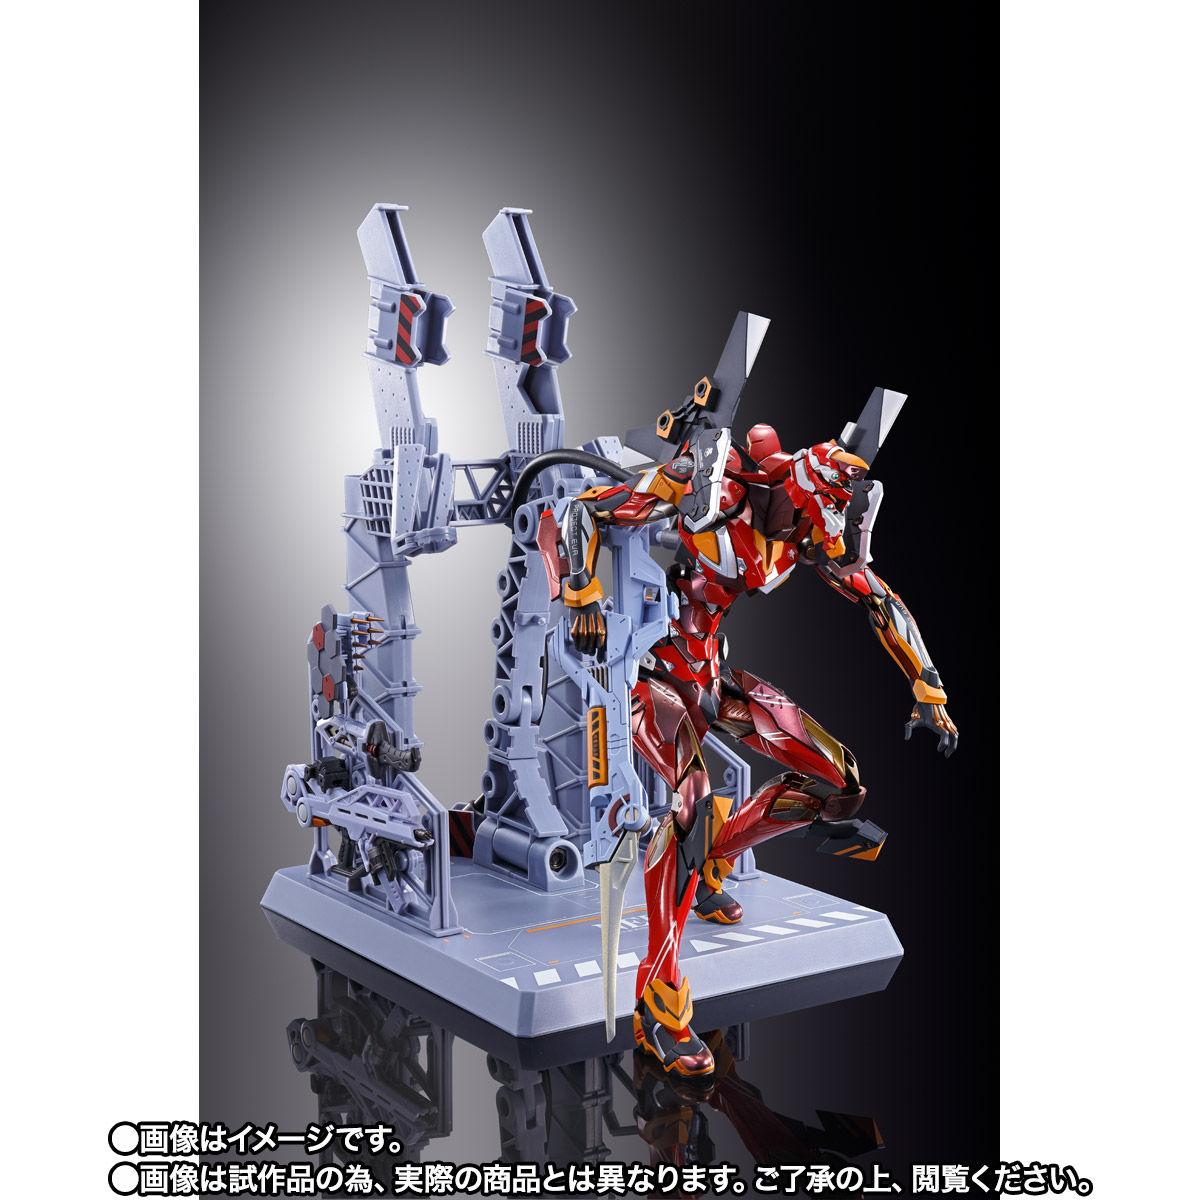 【限定販売】METAL BUILD『エヴァンゲリオン2機[EVA2020]』新世紀エヴァンゲリオン 可動フィギュア-008